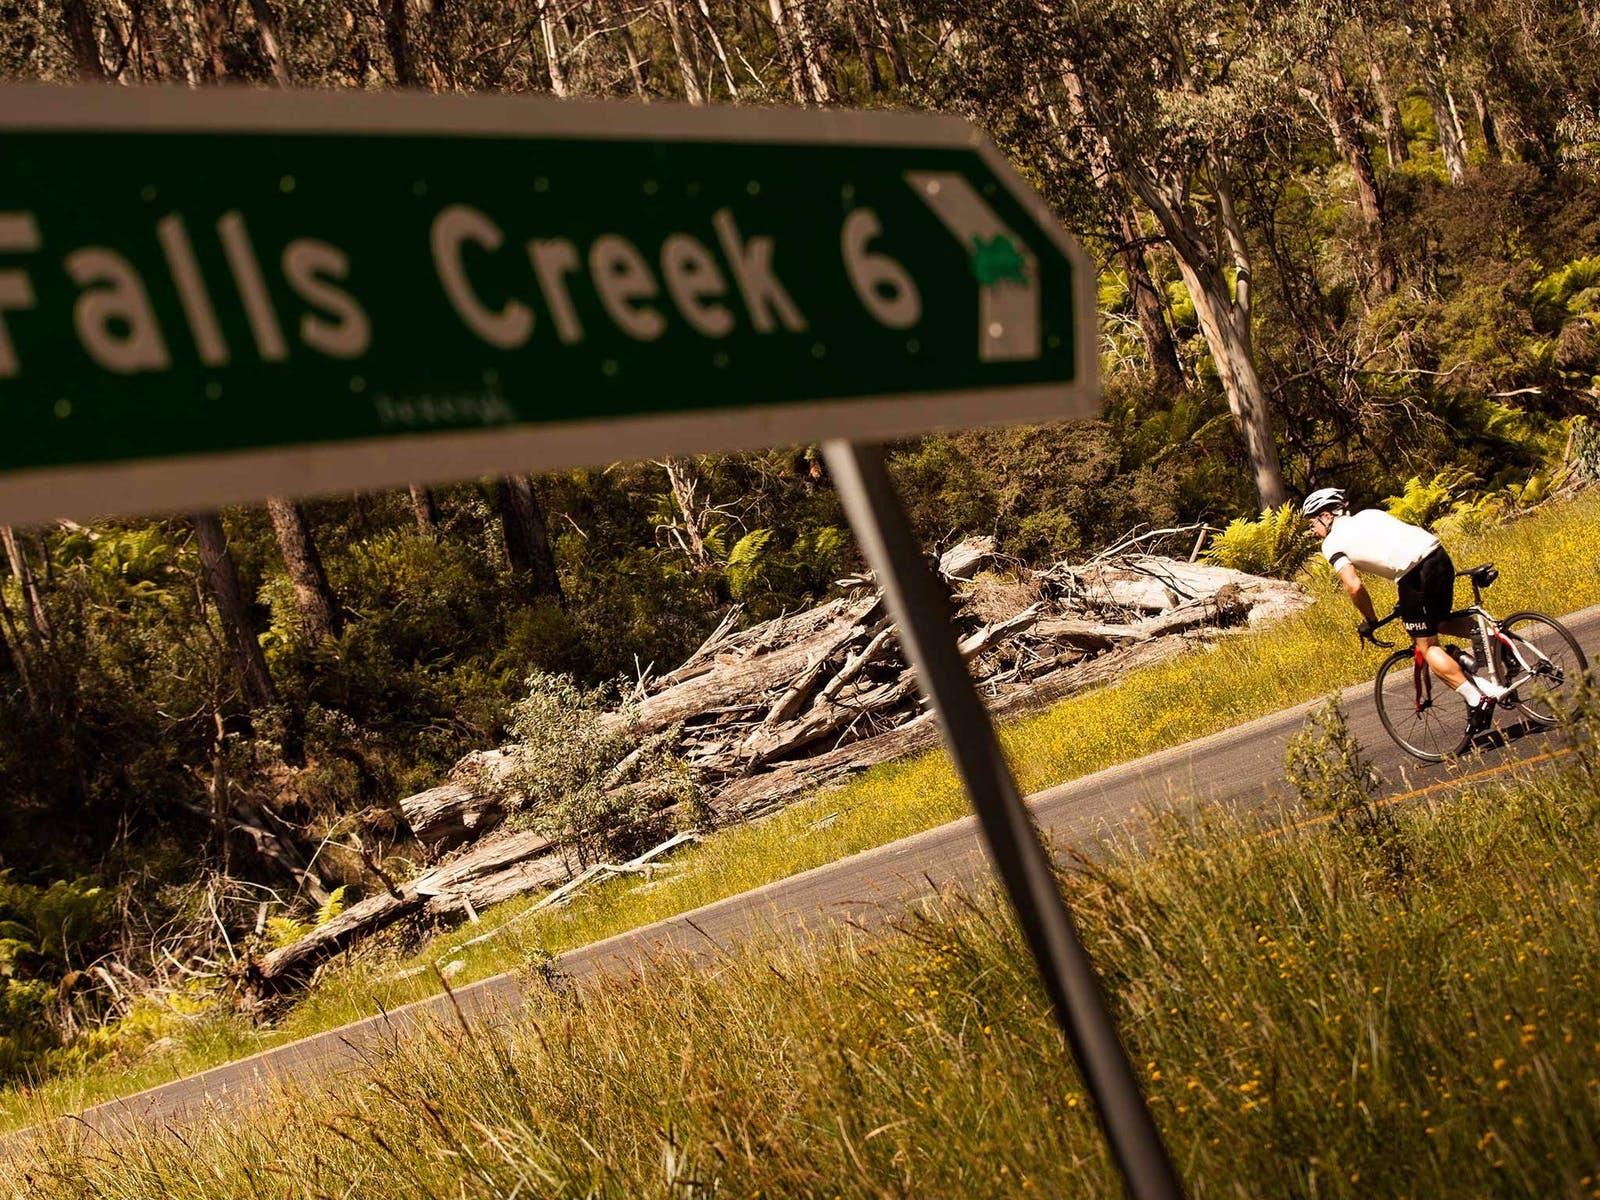 7 Peaks Ride - Falls Creek